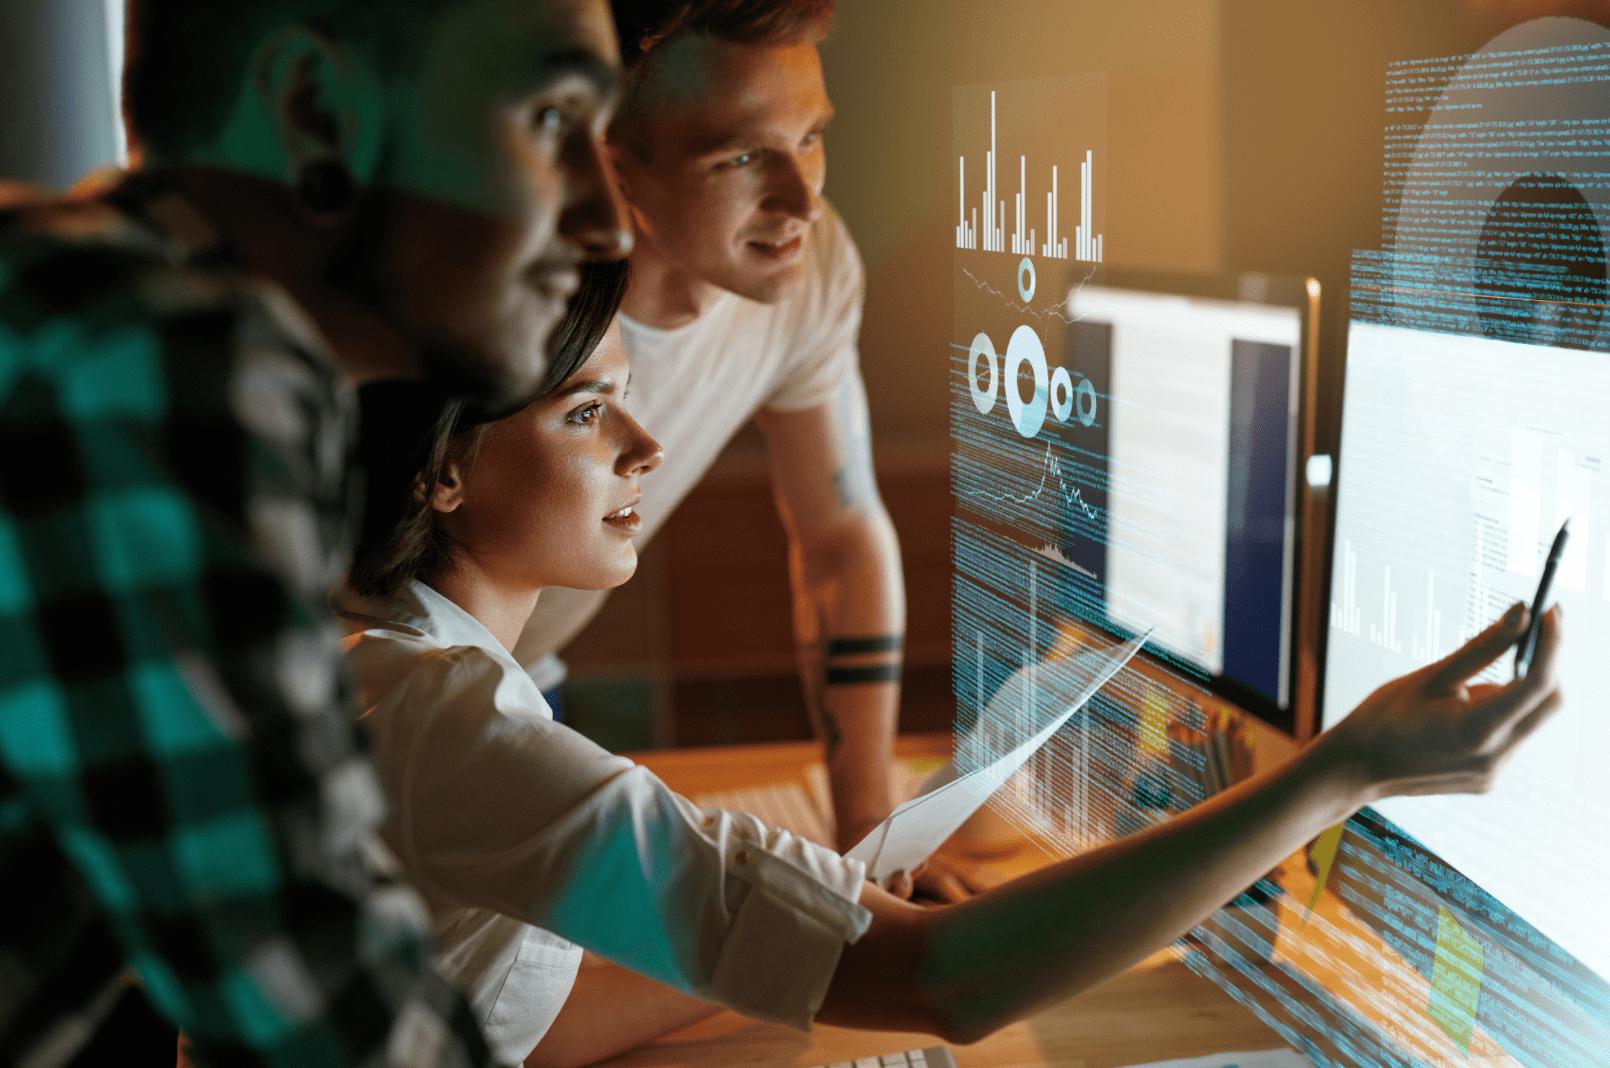 Programadores Que Trabajan En El Software En La Oficina. Equipo De Personas Codificando Nueva Aplicación